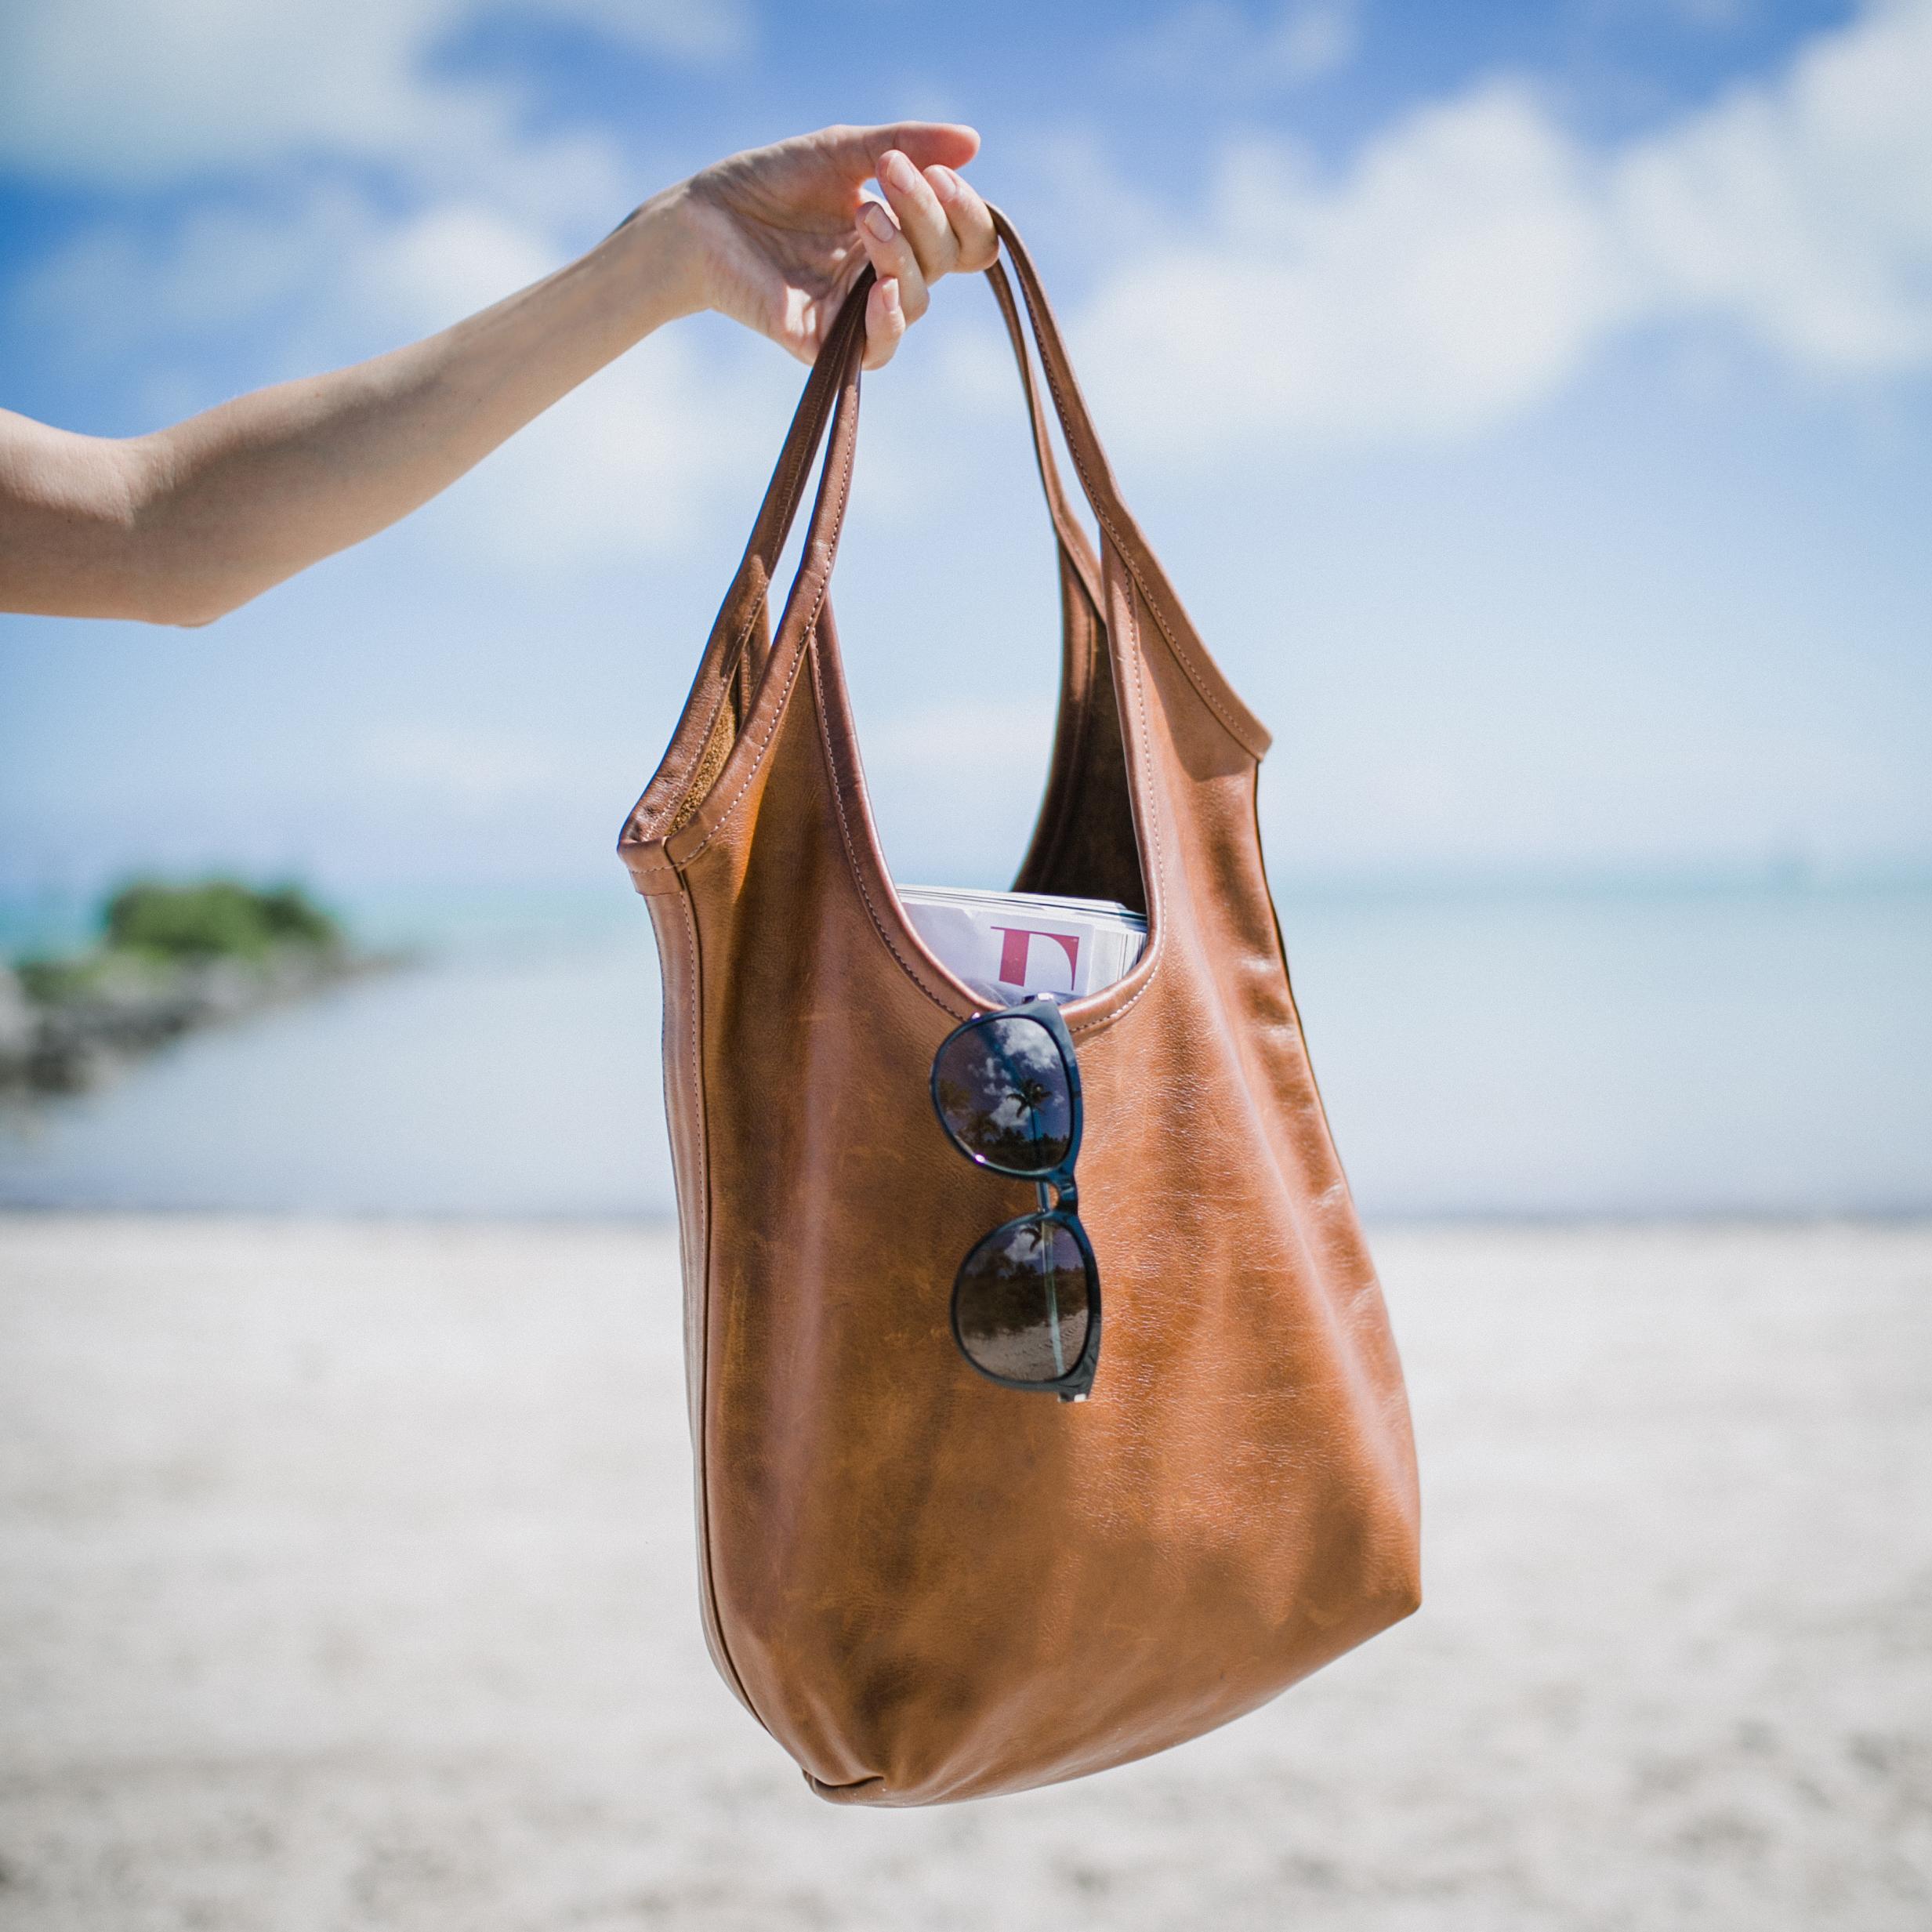 key west photographer, lena perkins, product photography, editorial, magazine, lifestyle, styling, fashion, key west, florida, miami, shopping, florida, handbag, leather bag.jpg